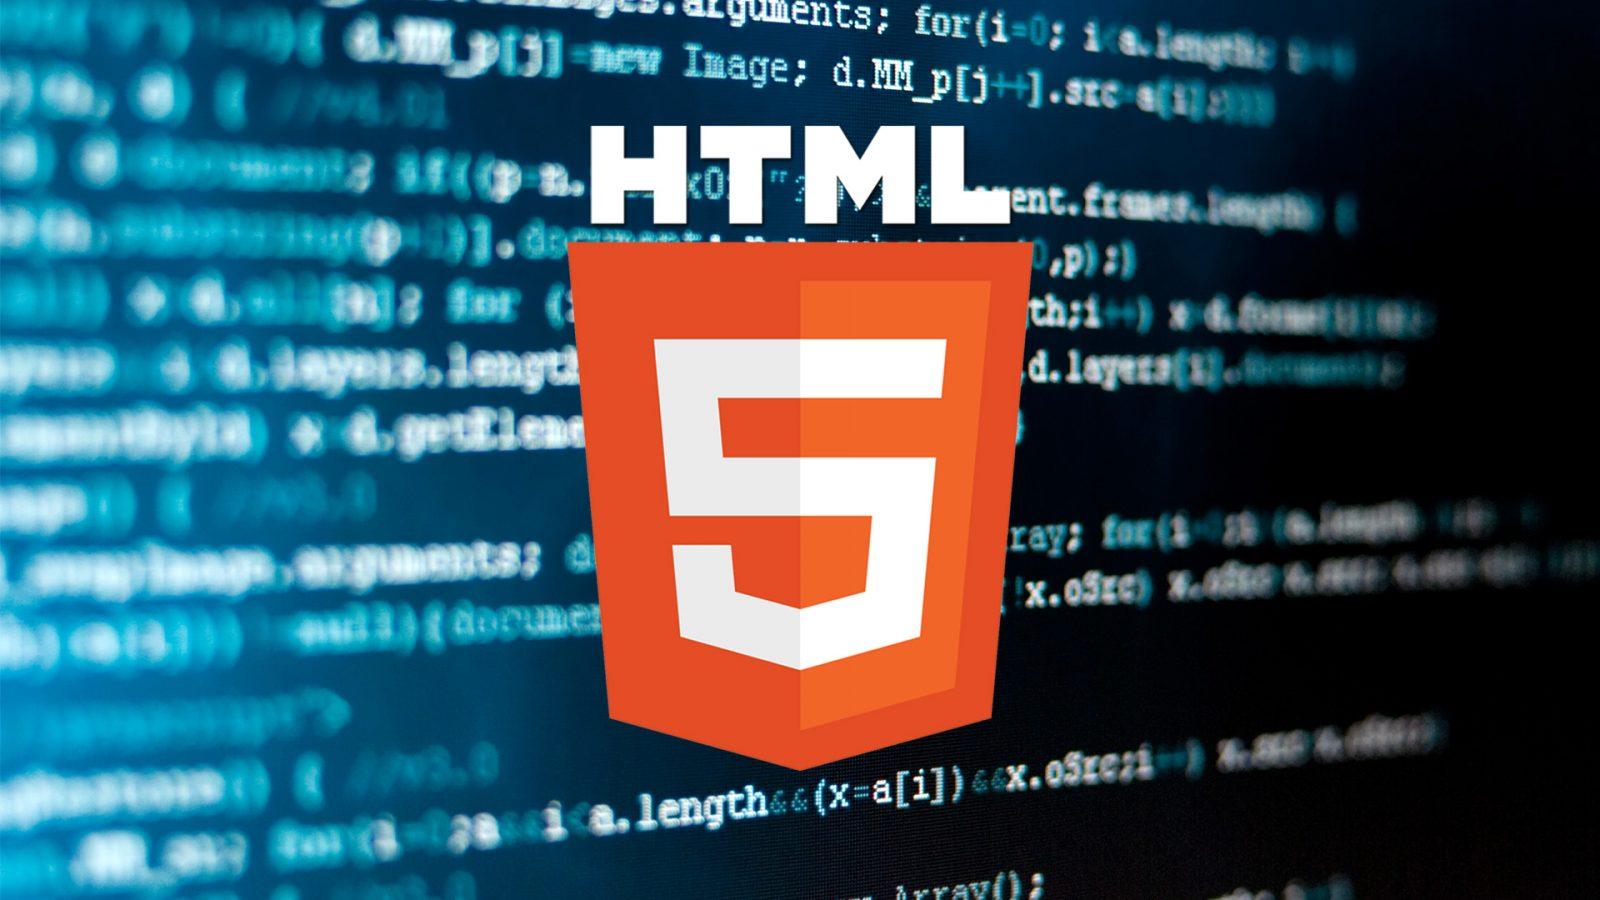 Часть 5 - формы в HTML